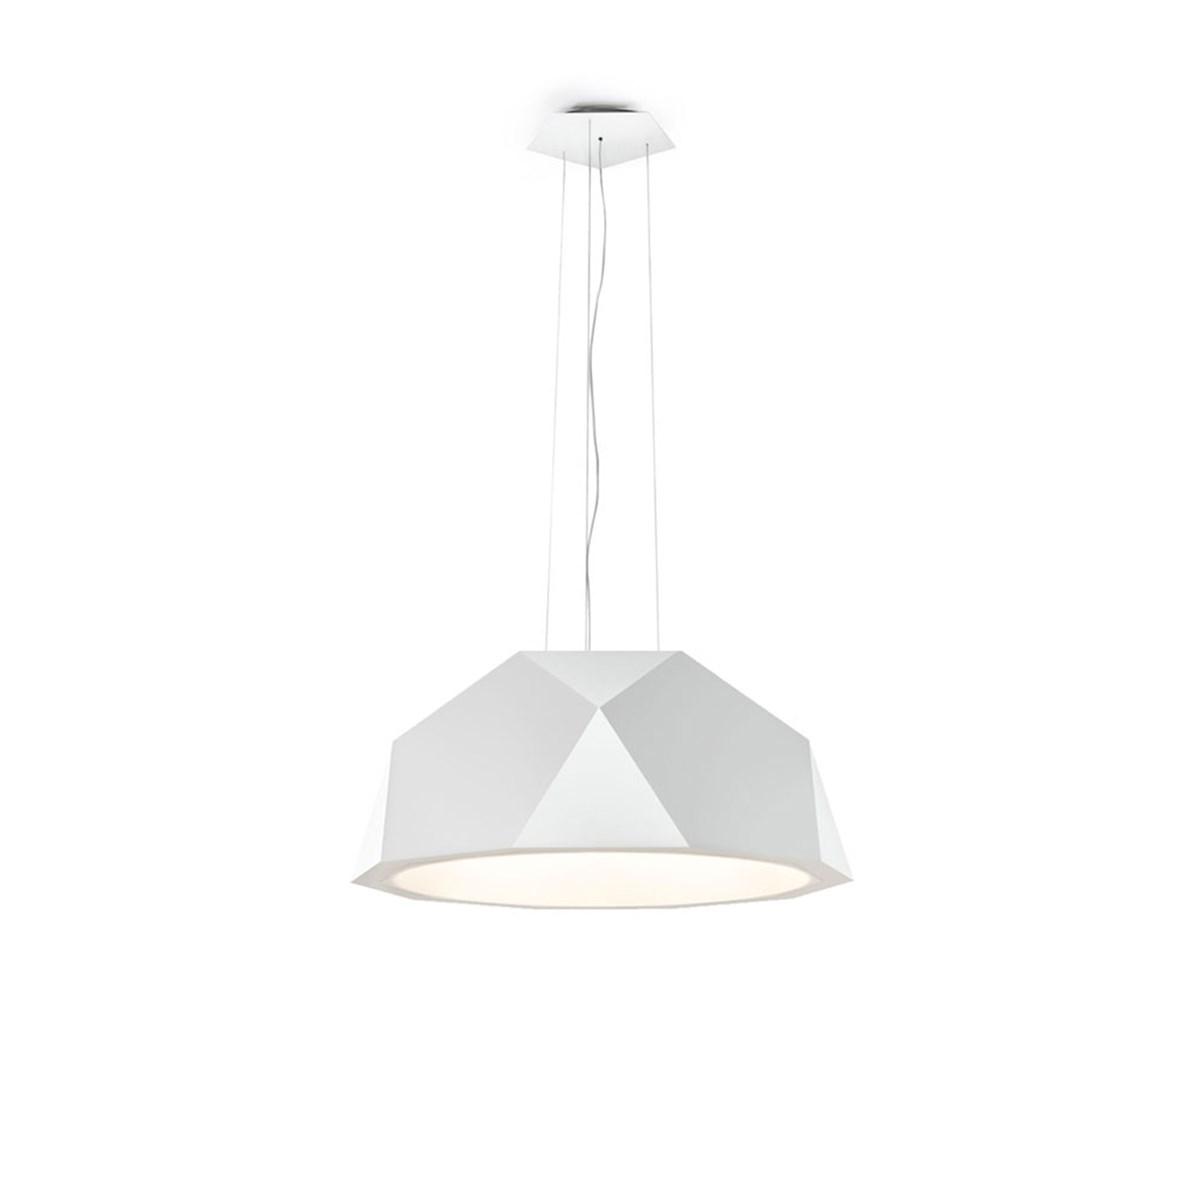 Fabbian-Giovanni-Minelli-Crio-Pendant-Light-Matisse-1